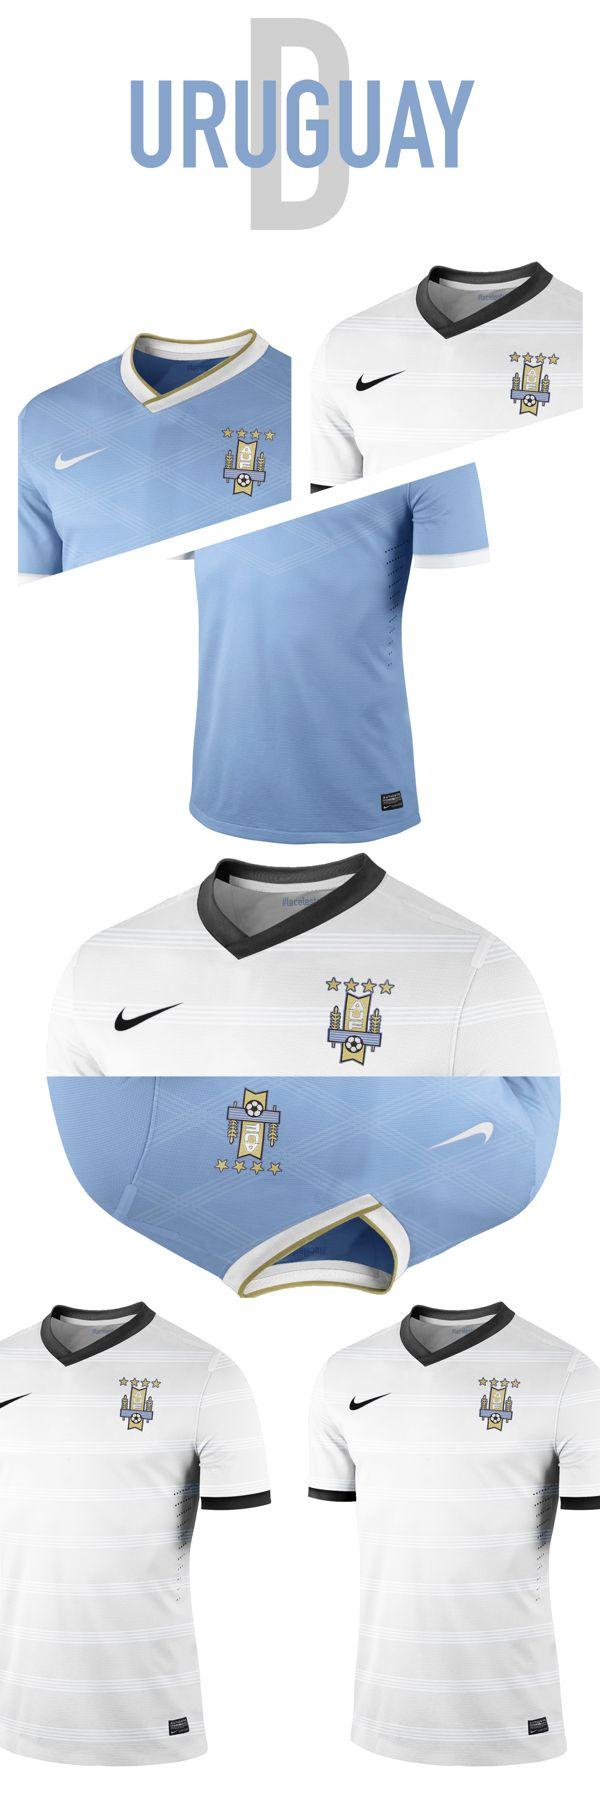 Uruguay #9ine